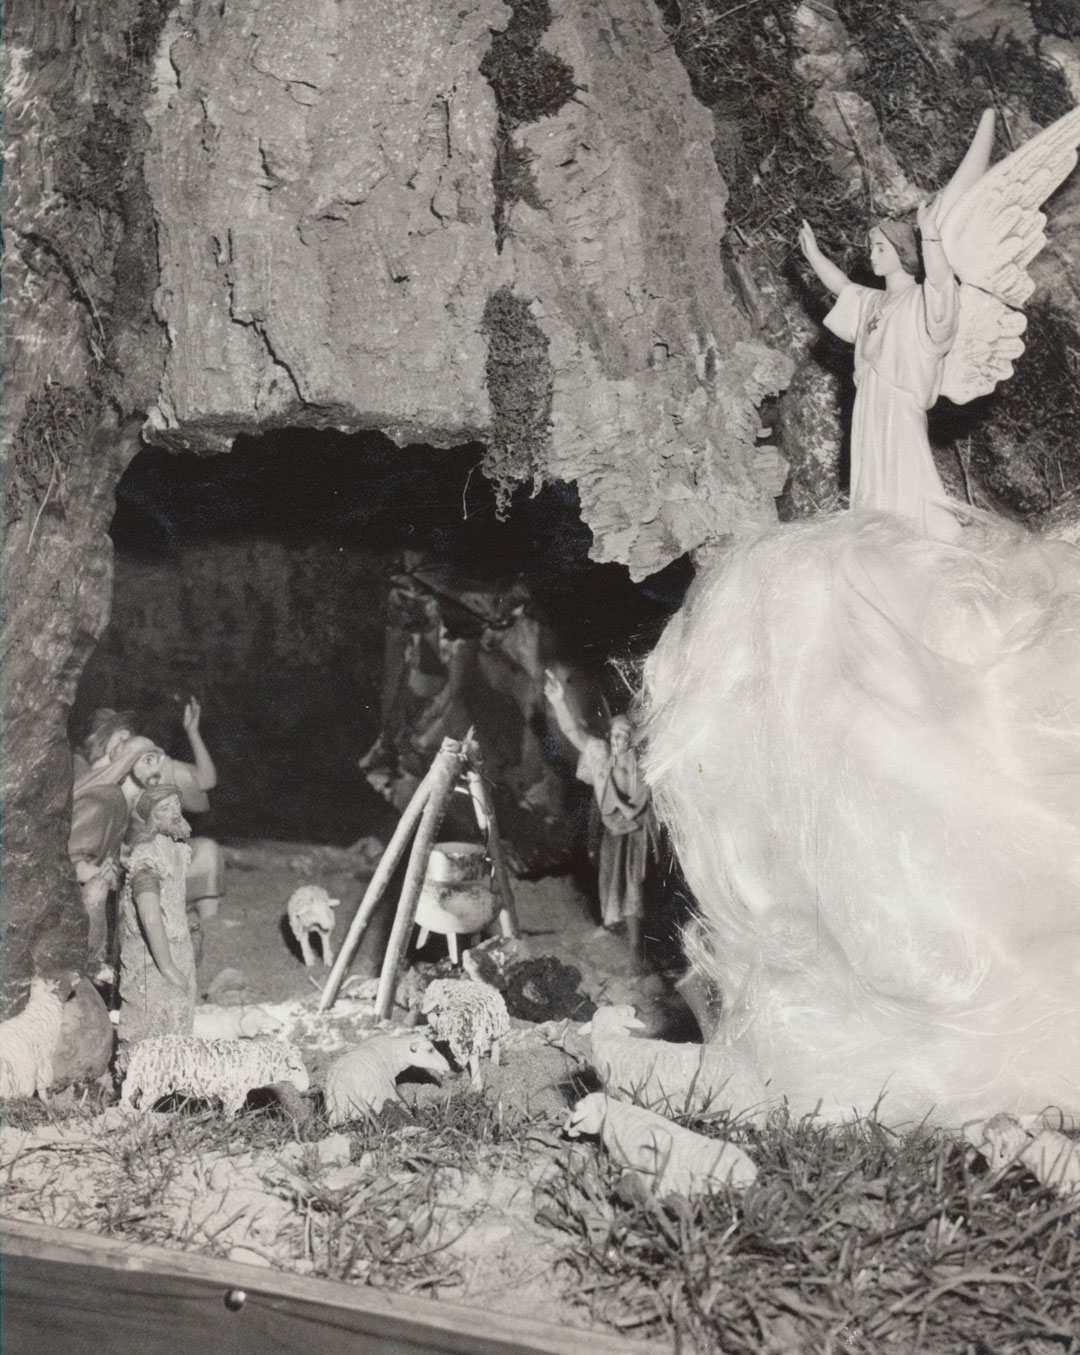 Cueva de los pastores